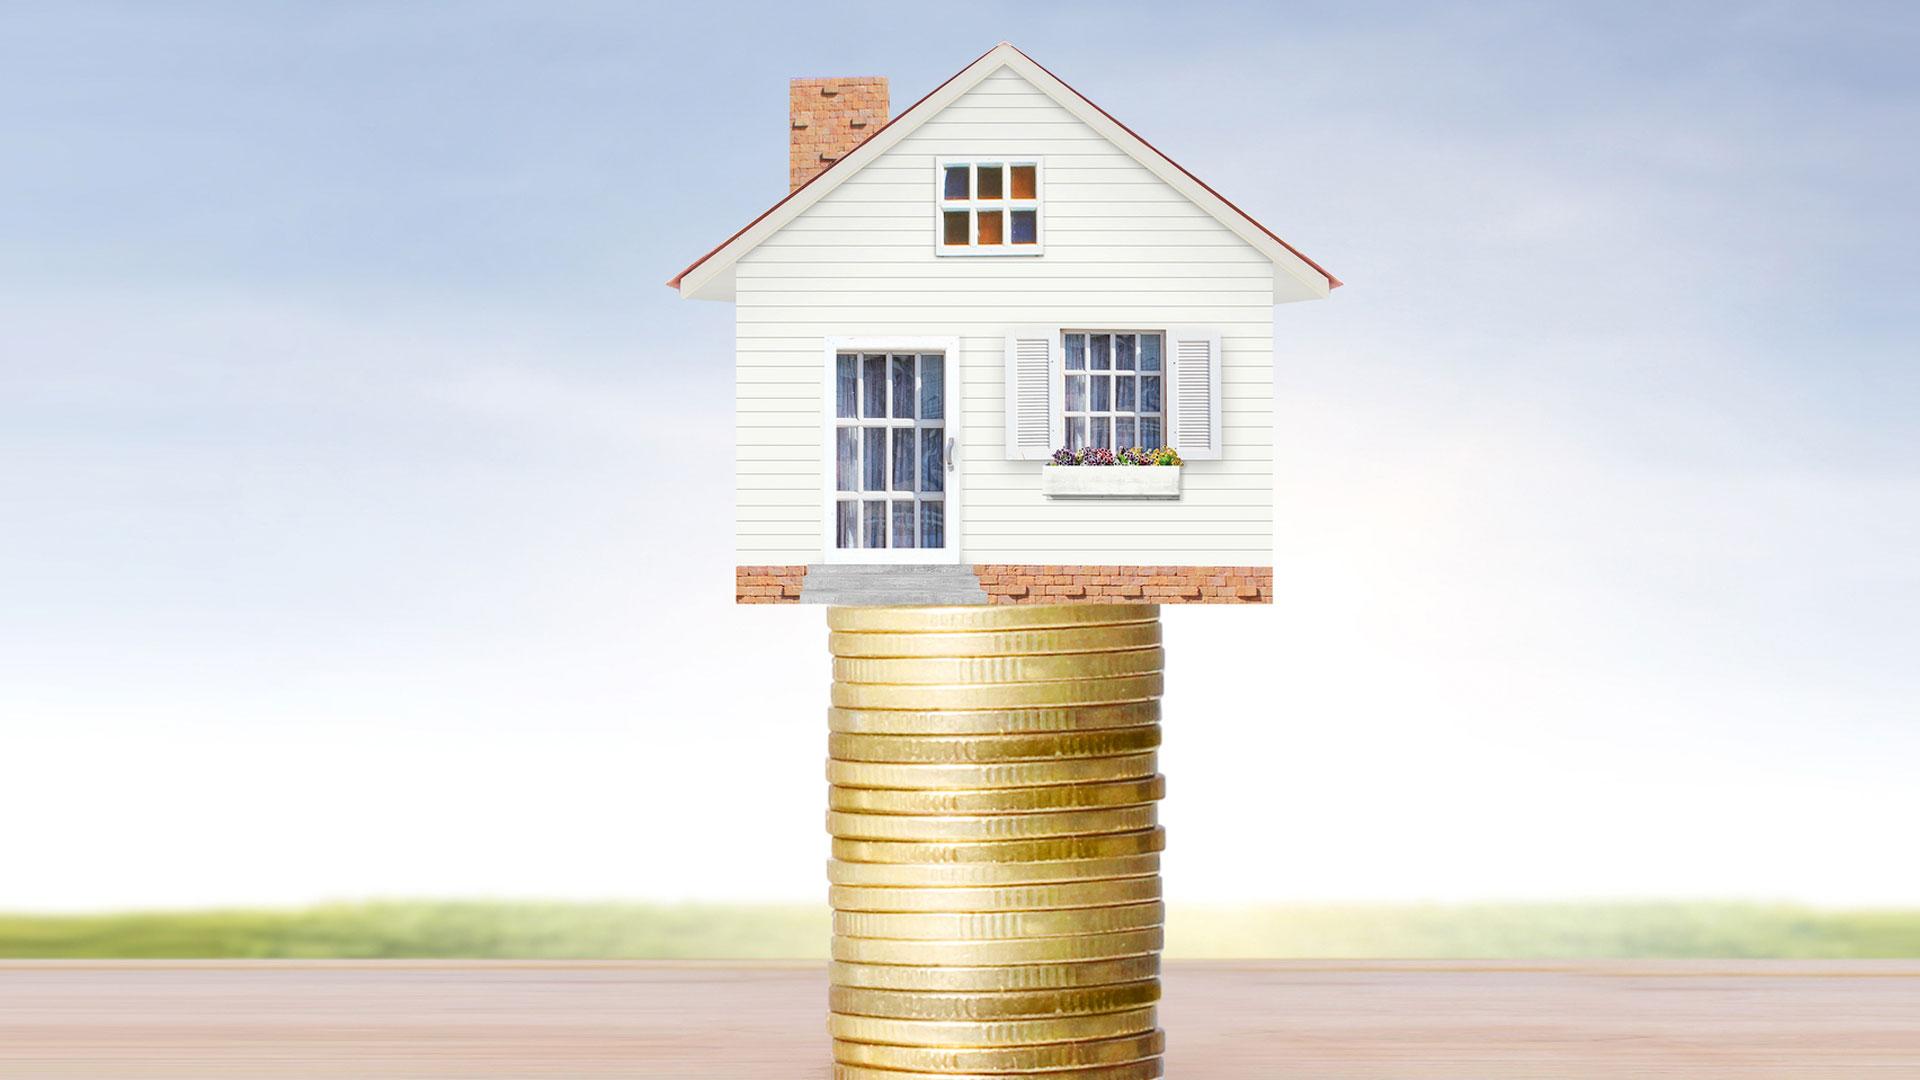 новые домики для денег картинки умелок переворачиваться